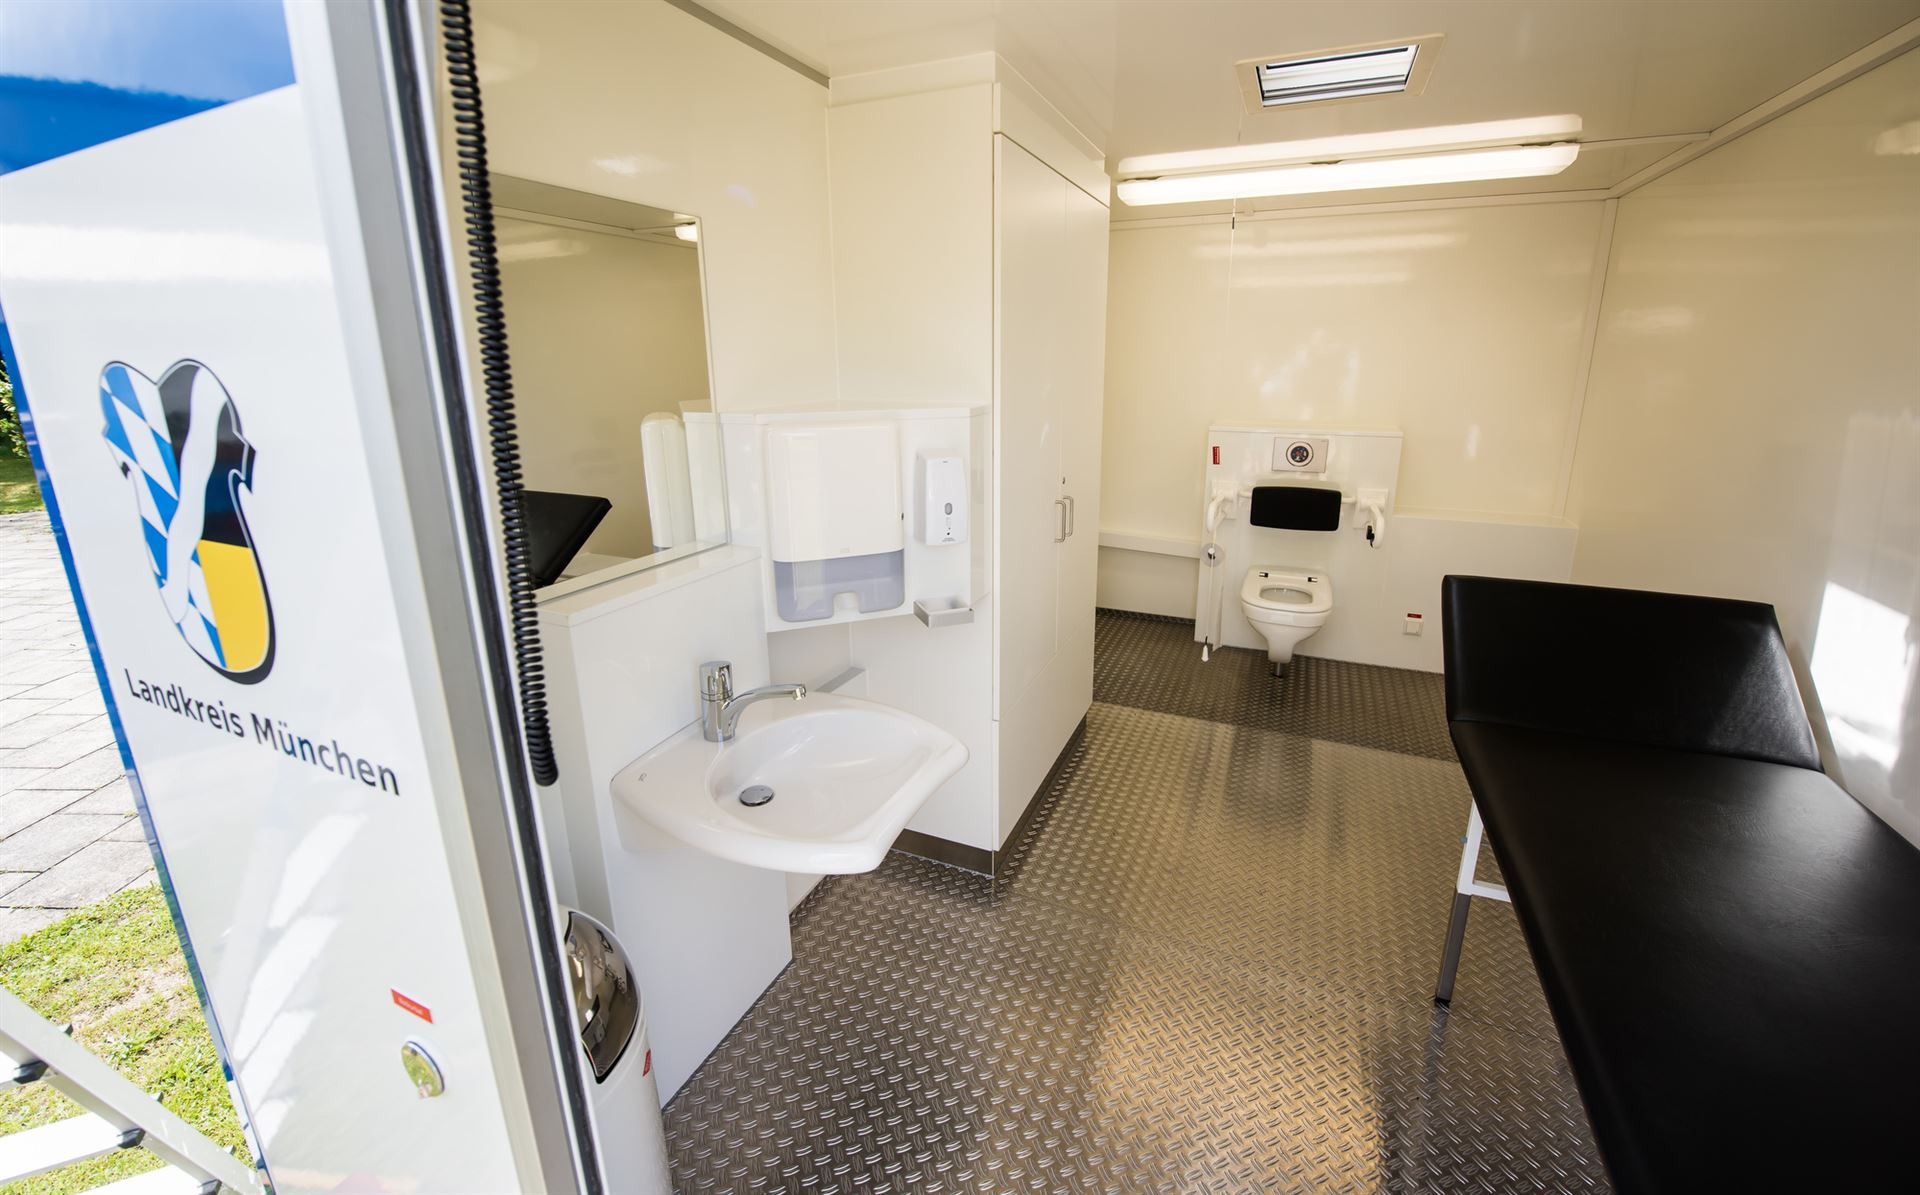 mobile toilette f r alle. Black Bedroom Furniture Sets. Home Design Ideas